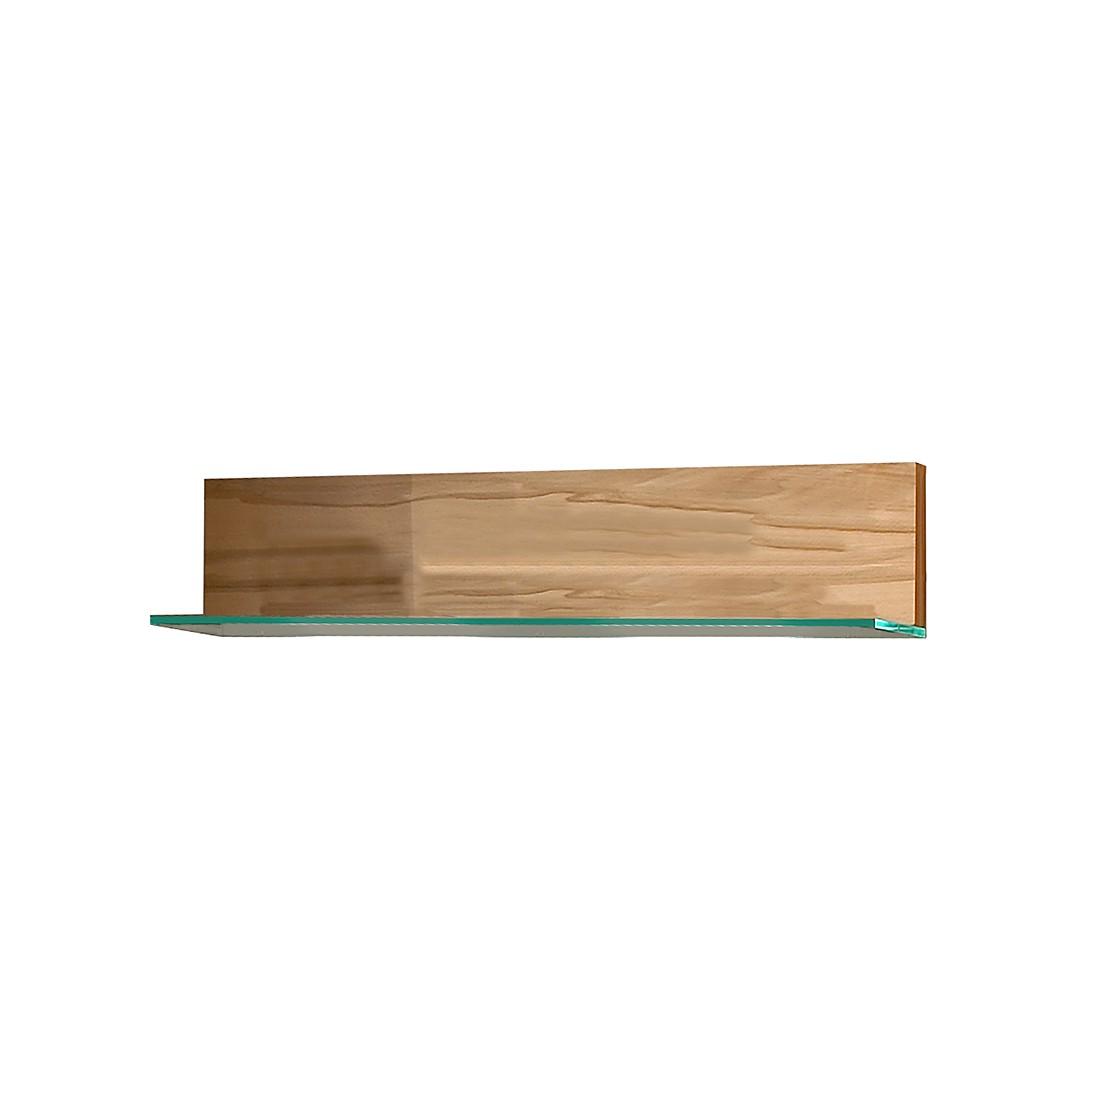 Wandboard Vita – Kernbuche – Ohne Beleuchtung – 106 cm, Felke günstig online kaufen